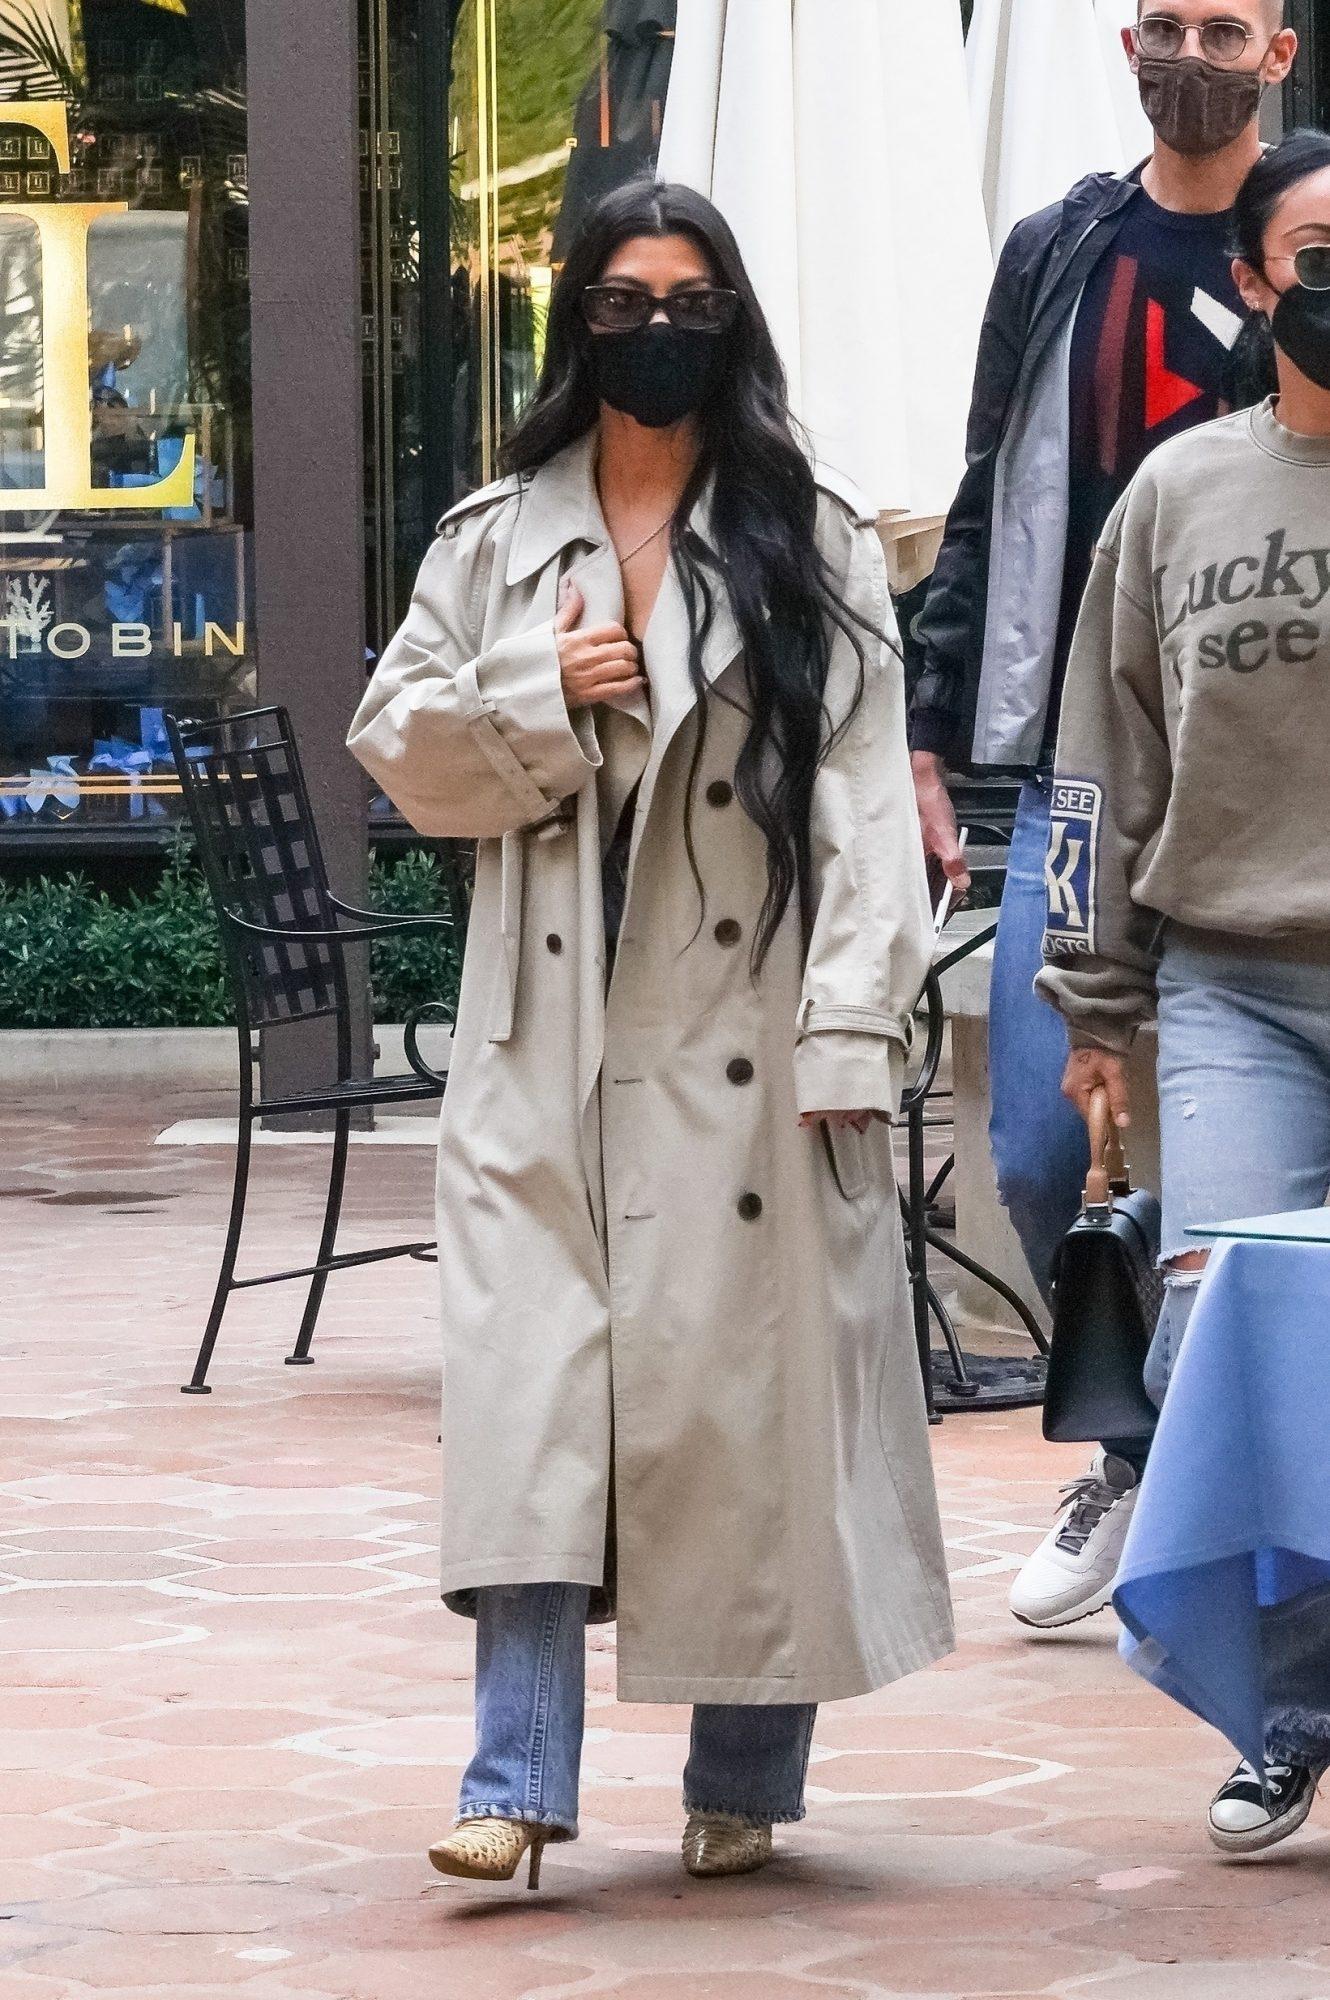 Kourtney Kardashian, Stephanie Shepherd